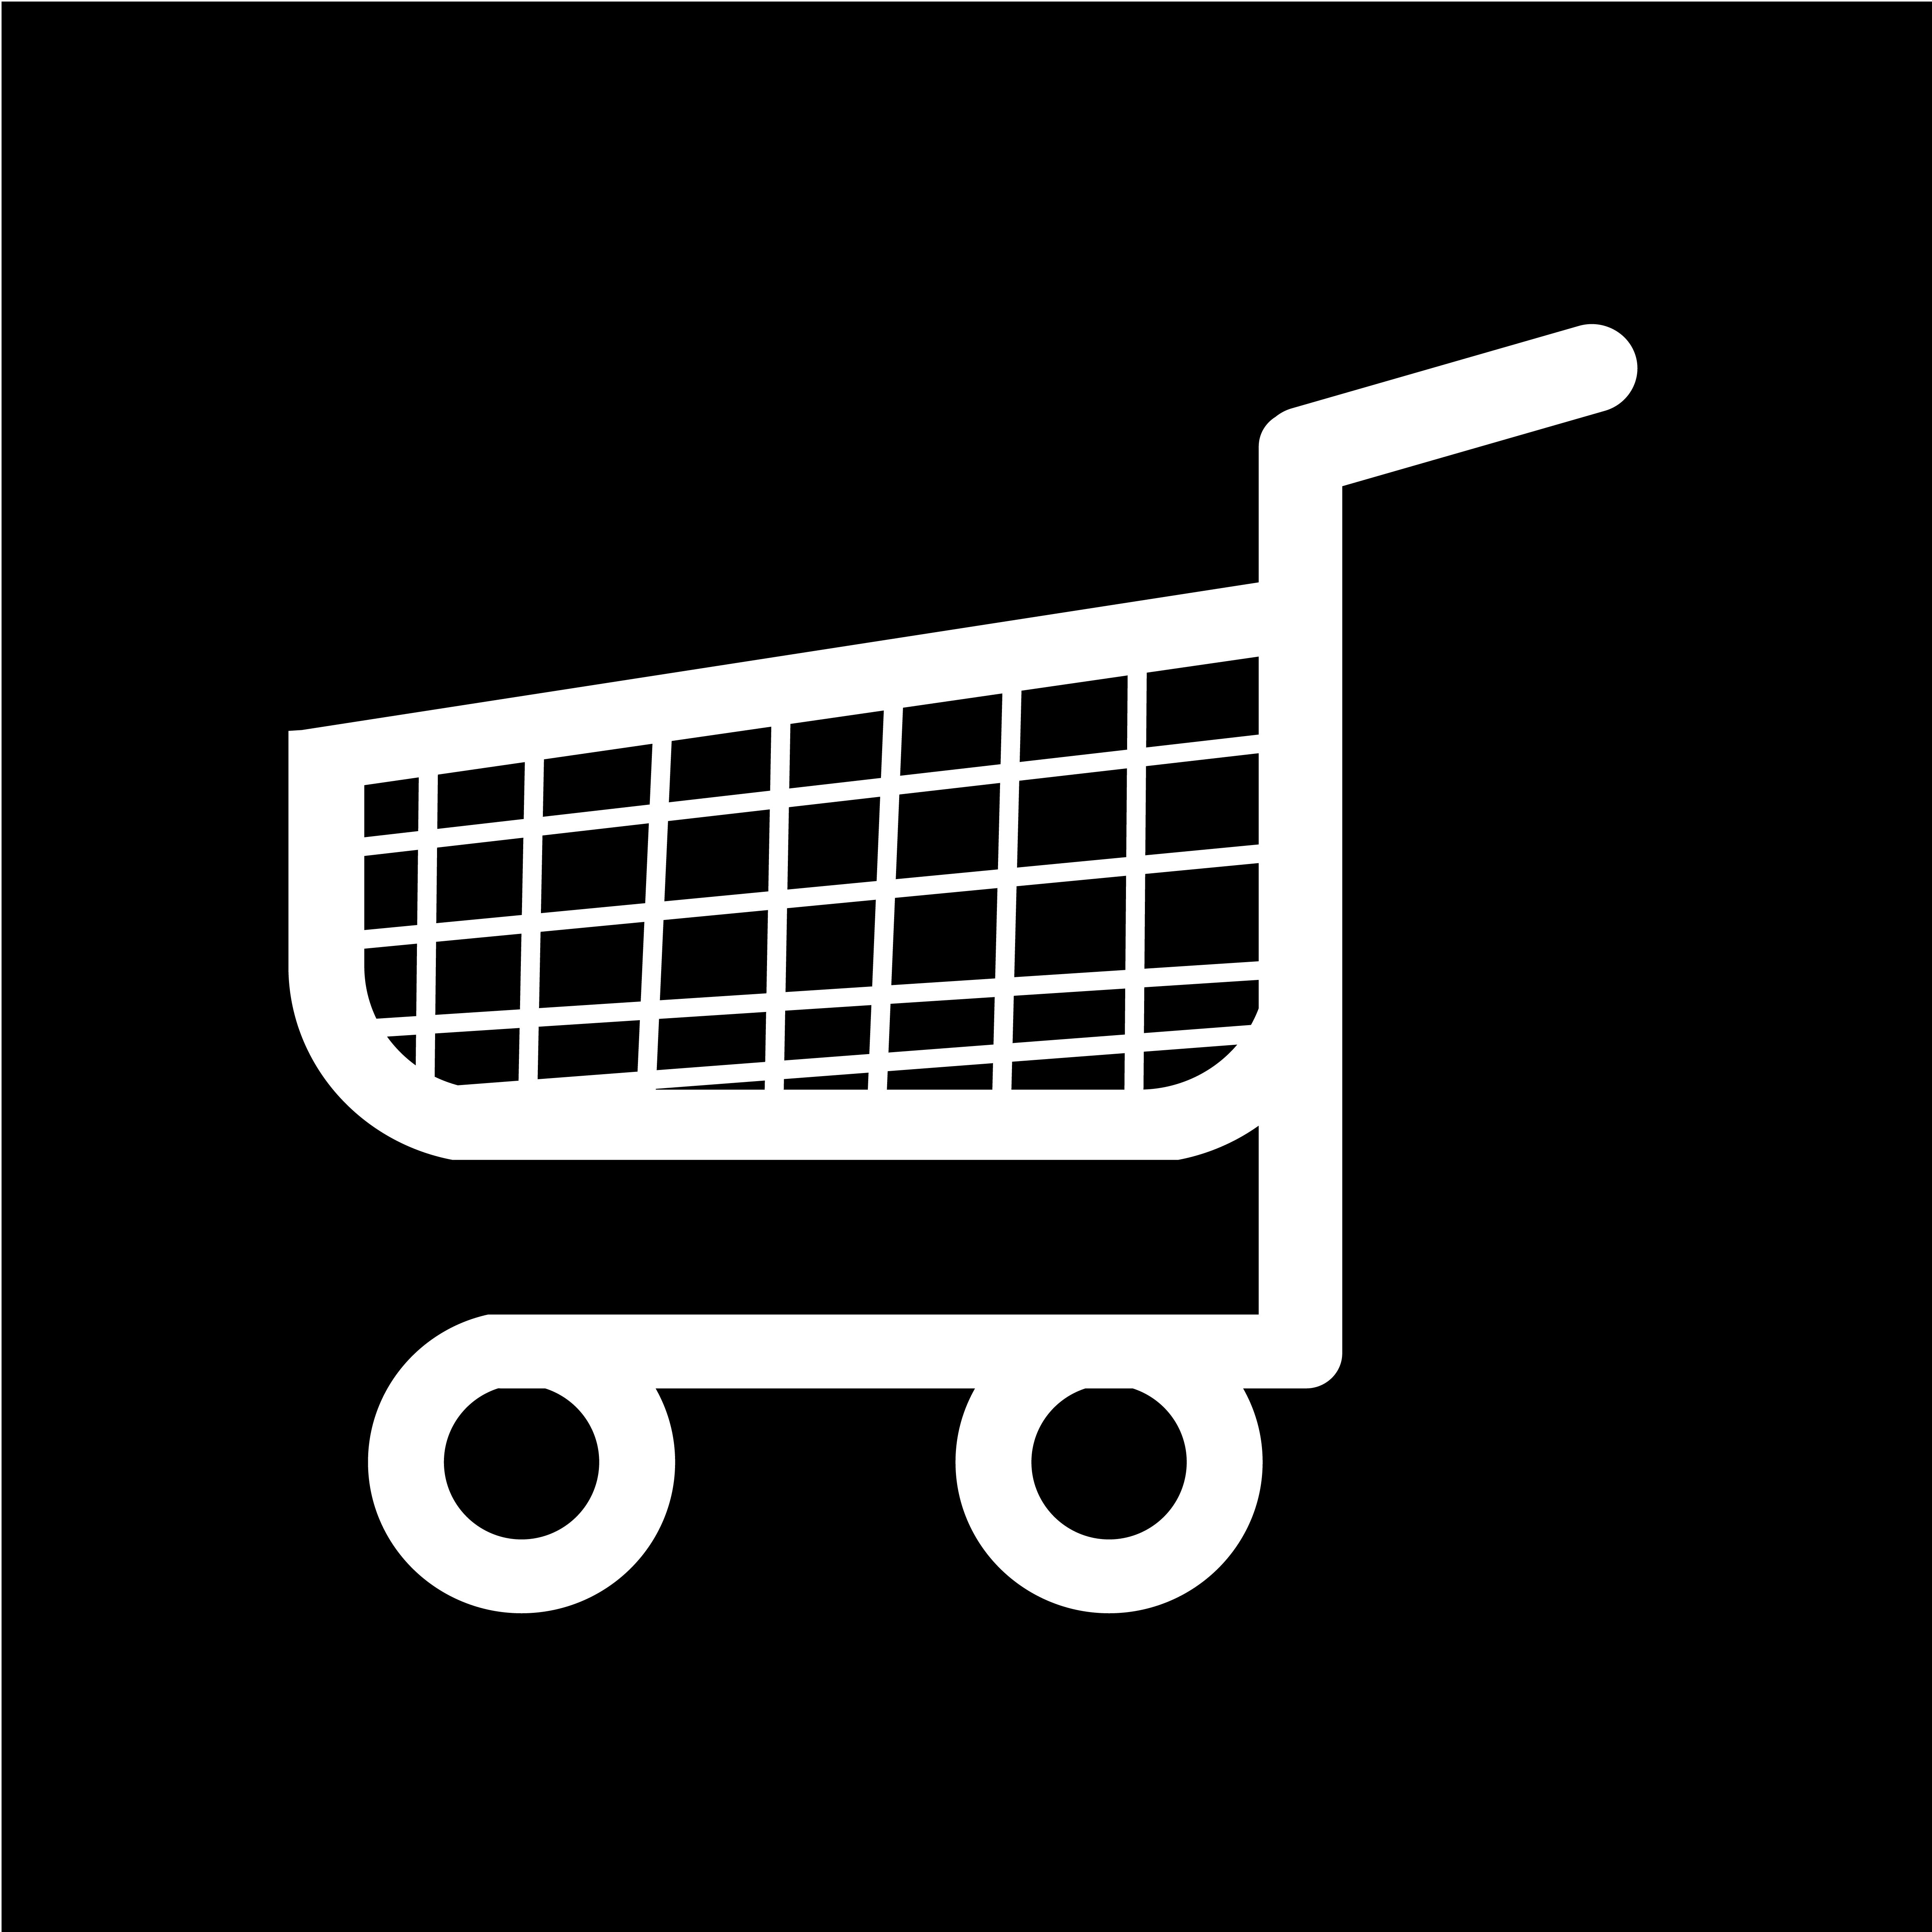 購物車素材 免費下載 | 天天瘋後製